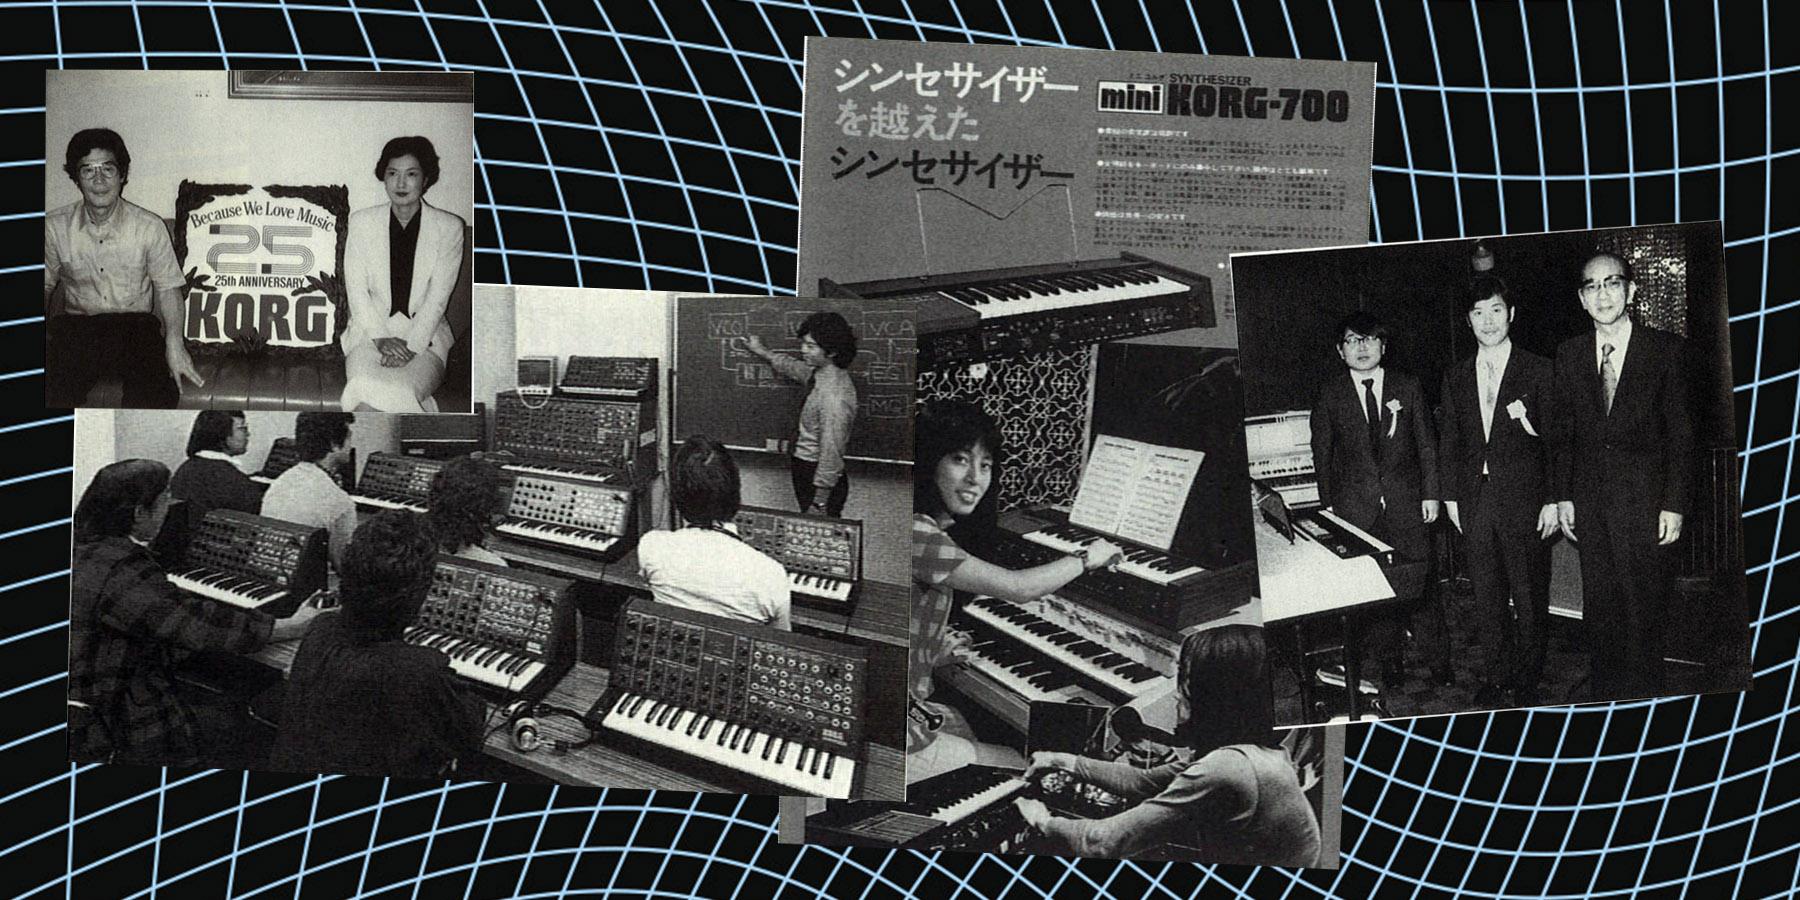 Art of Synthesis: Korg — Noisegate